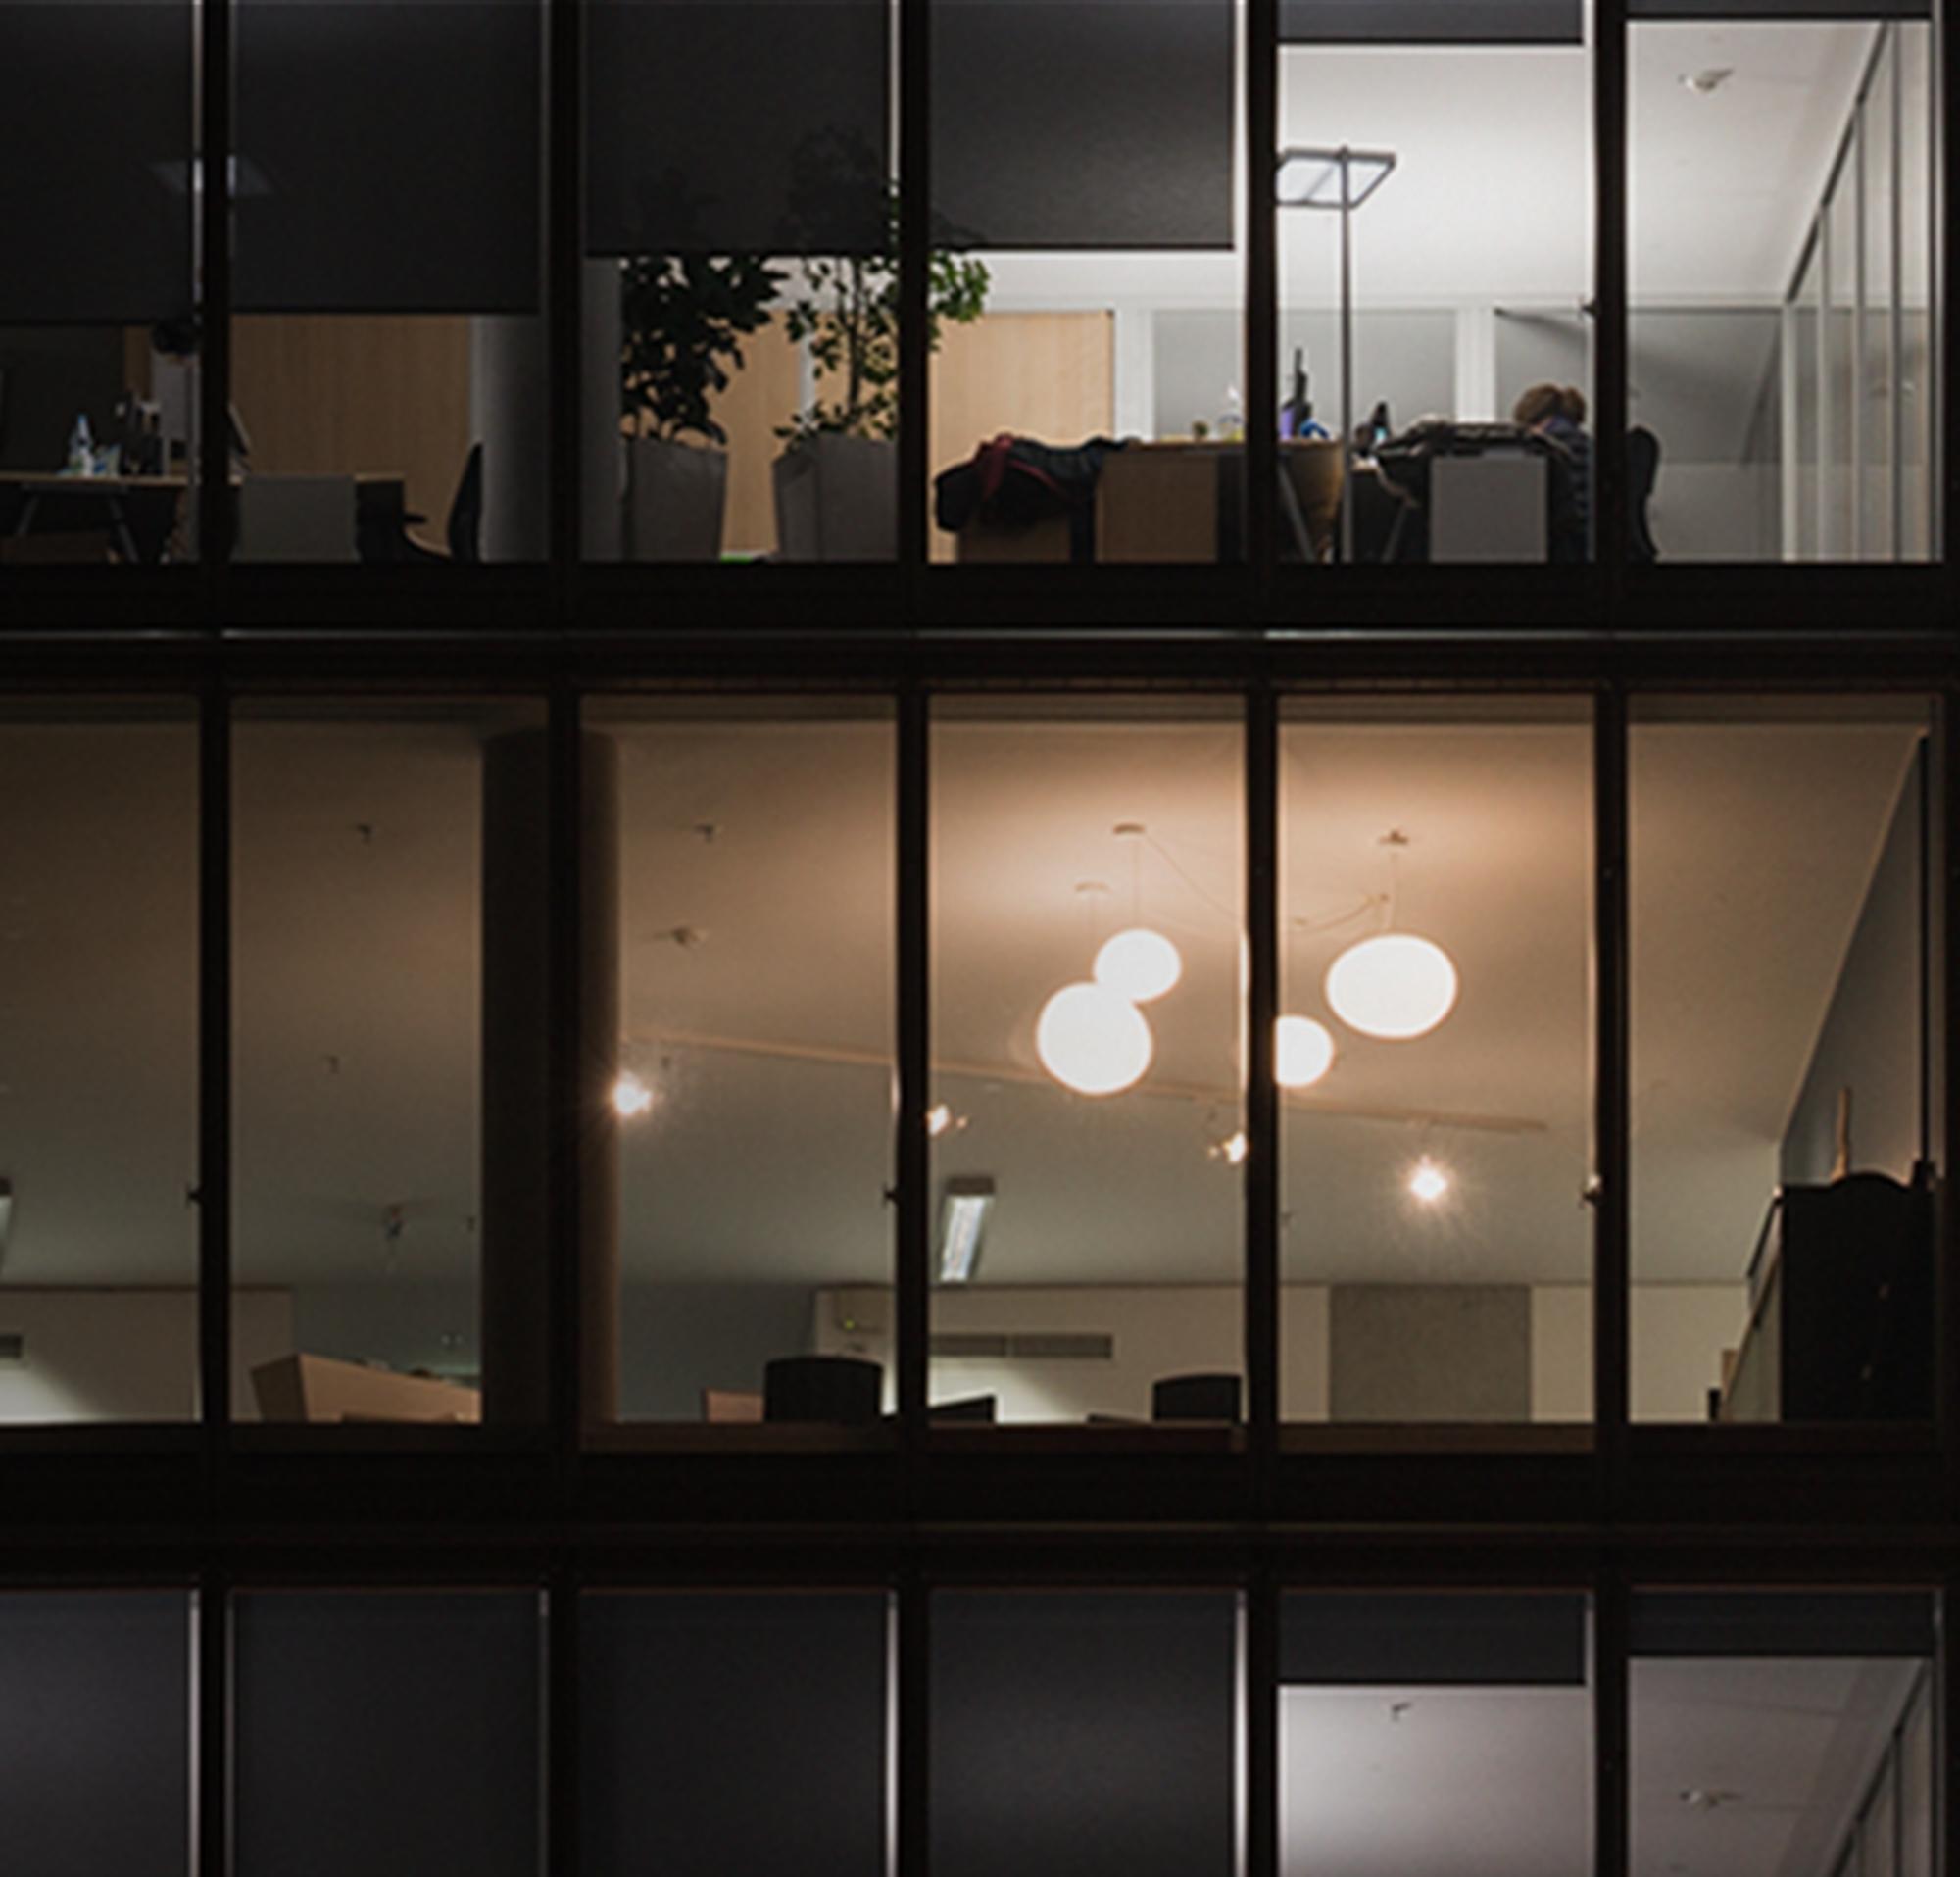 Uma imagem de três andares quase totalmente escuros em um prédio de escritórios de vários andares à noite.